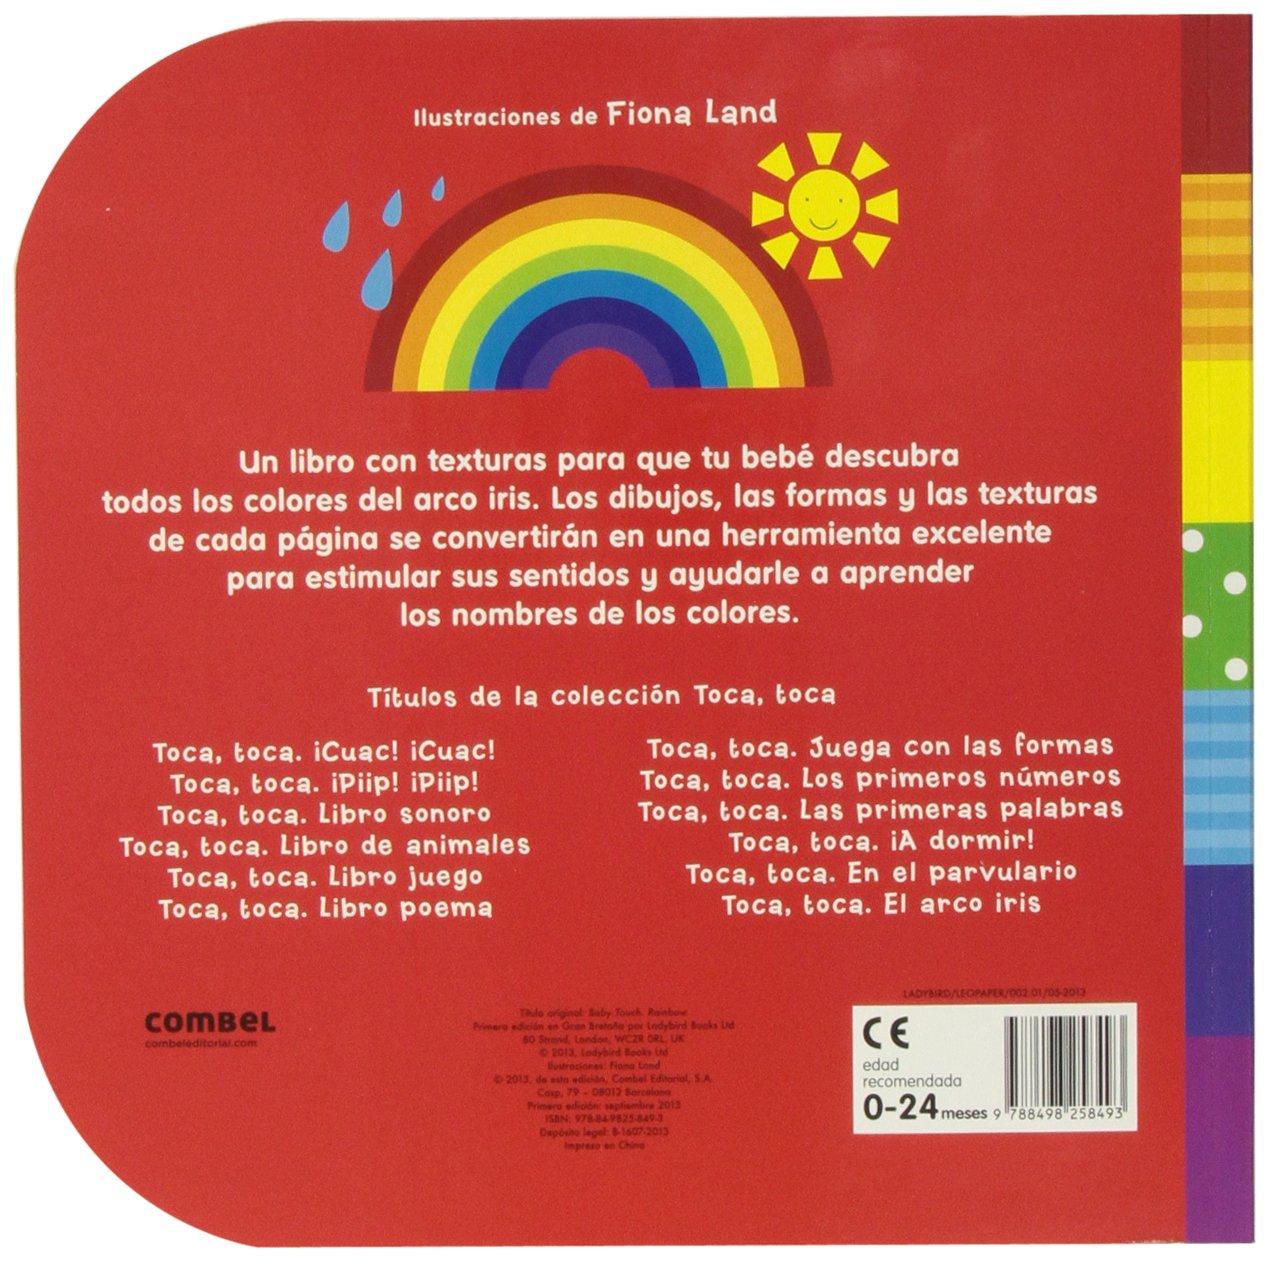 El arco iris (Toca, toca): Amazon.es: Fiona Land, Georgina Mercader ...